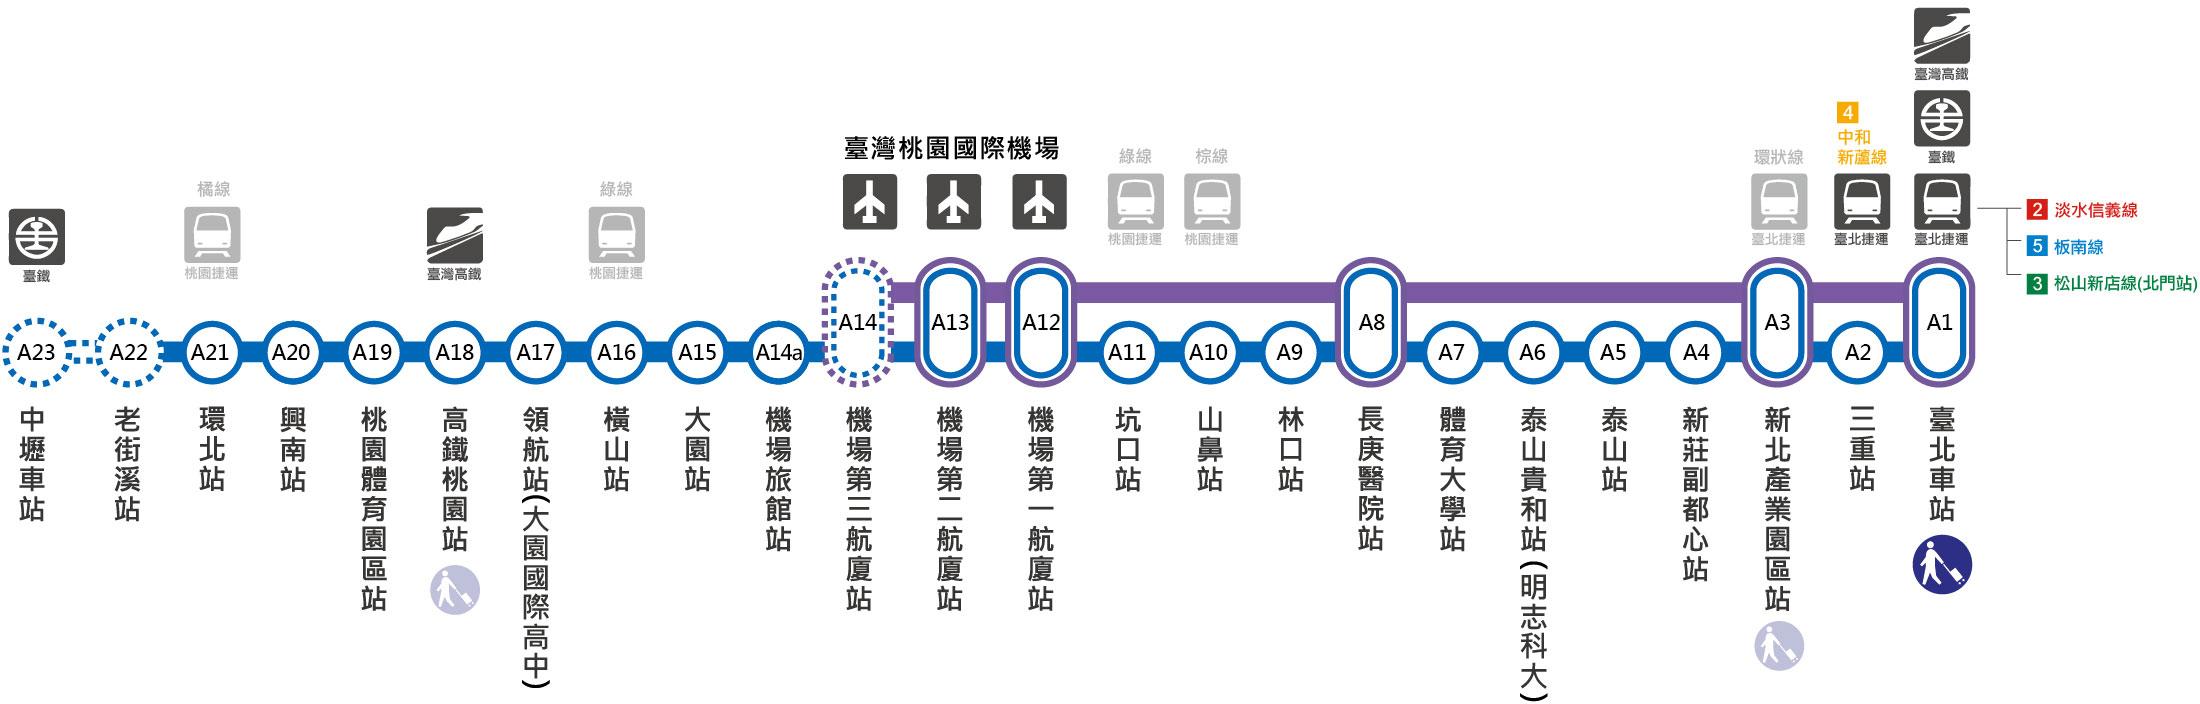 taoyuang-airport-mrt-map